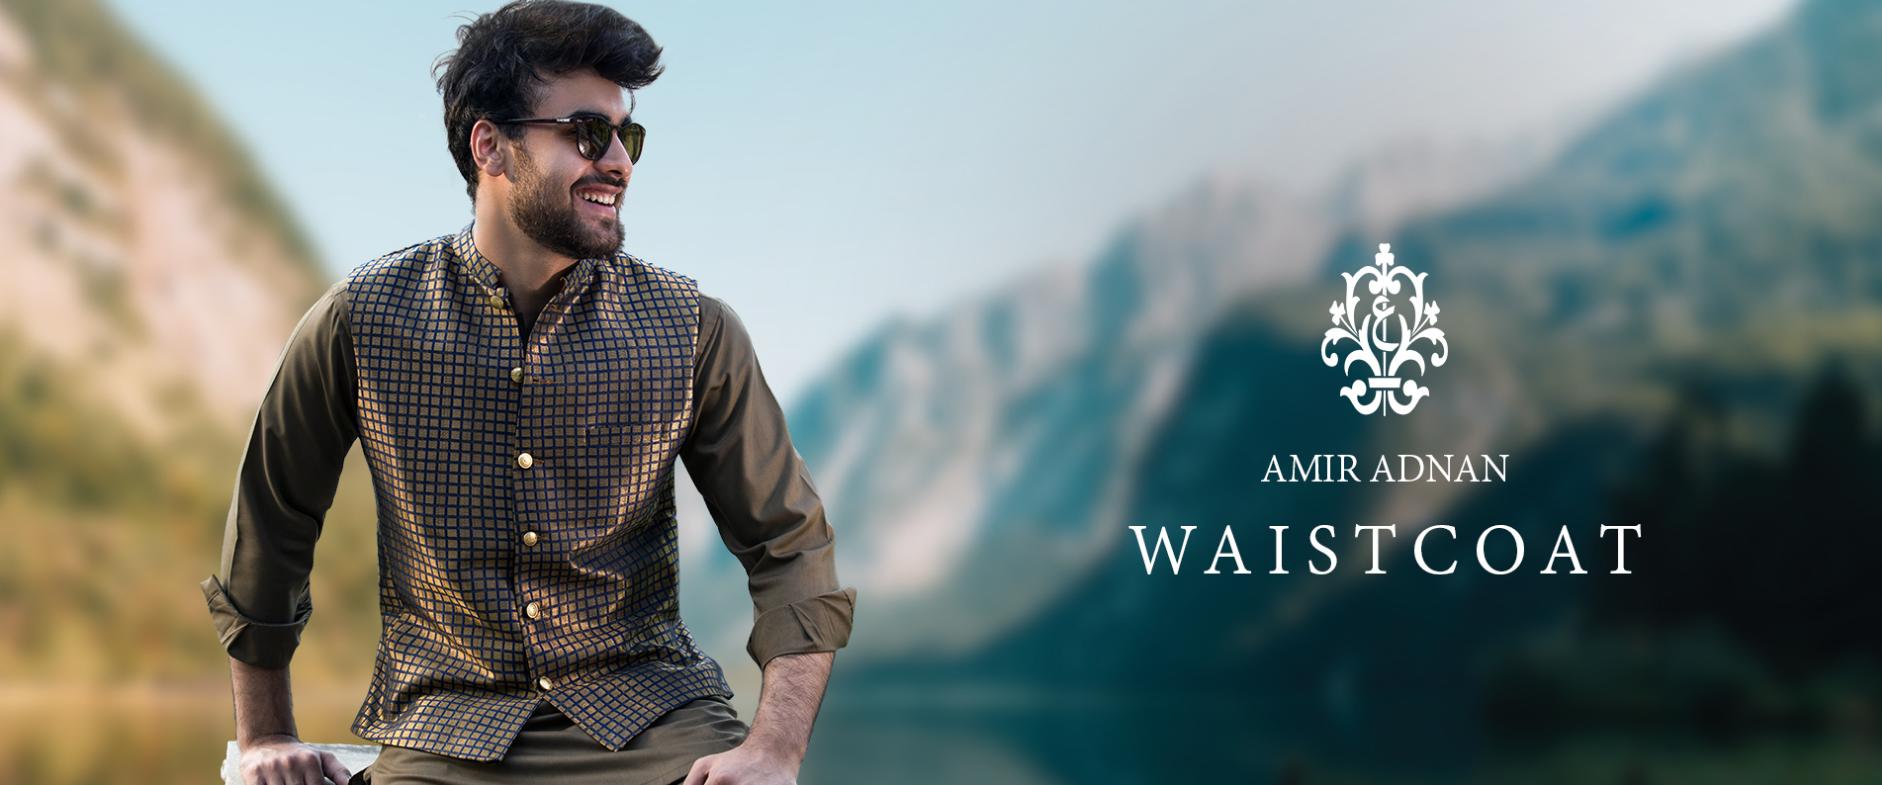 Amir Adnan Men WaistCoats Dresses collection 2021